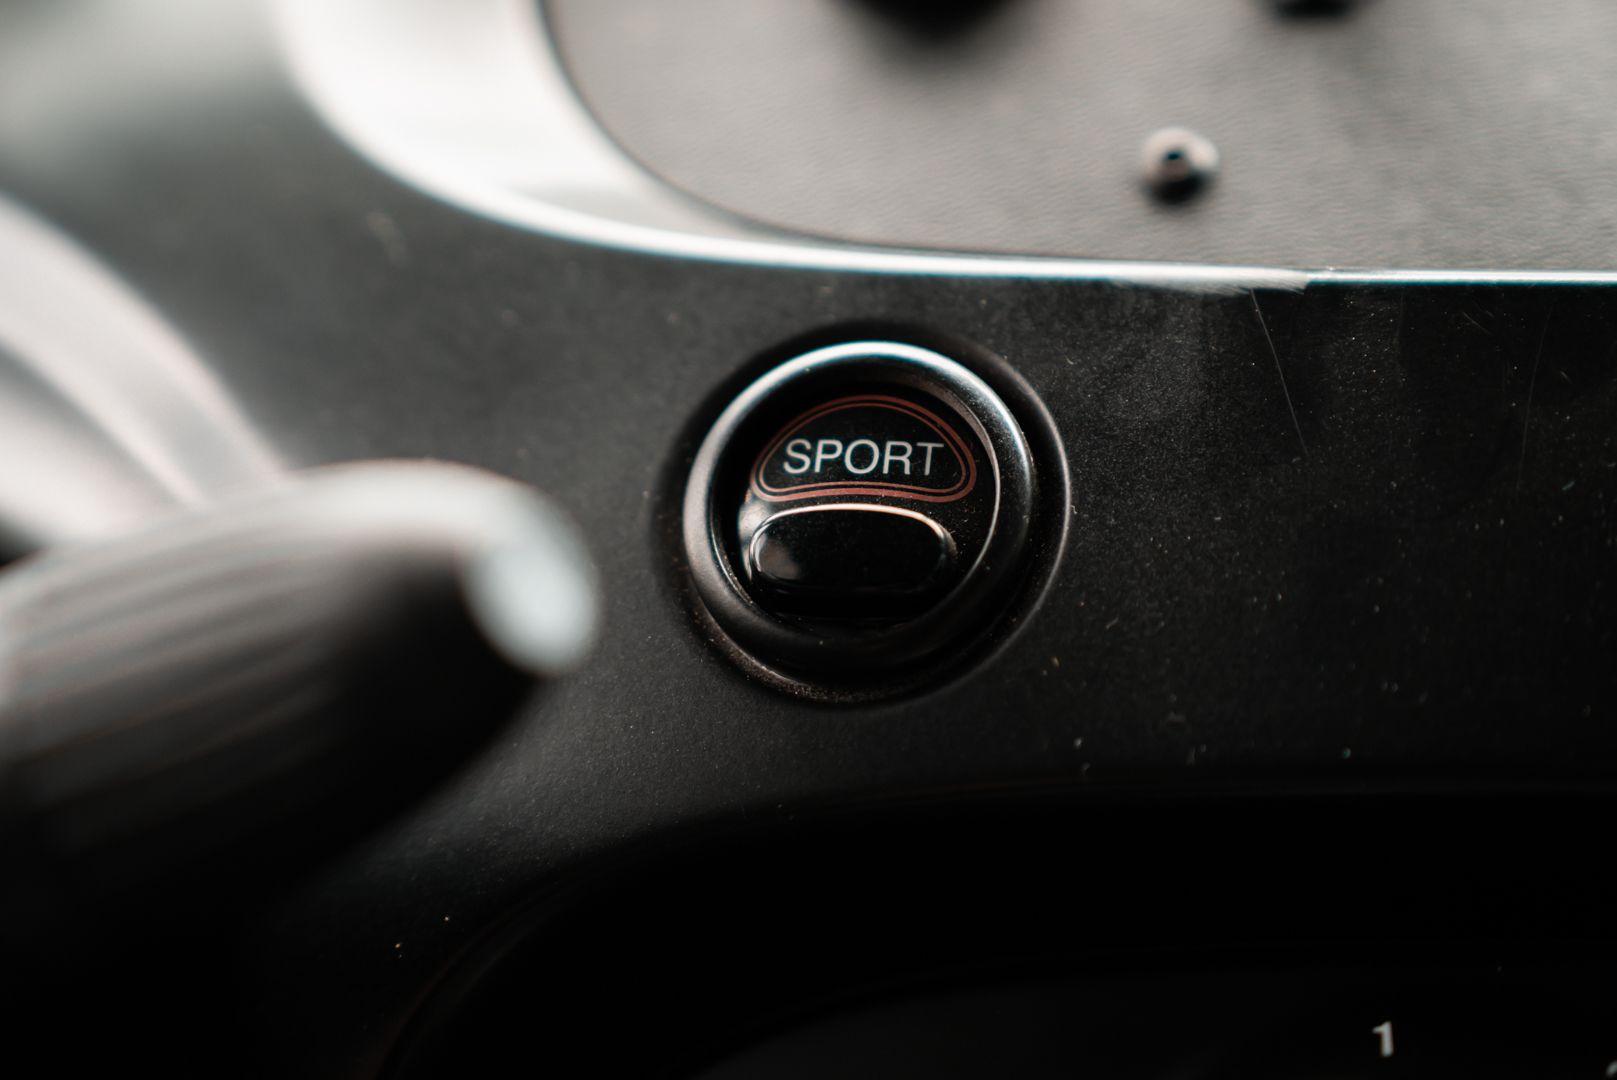 2008 Fiat 500 Abarth Assetto Corse 45/49 77394